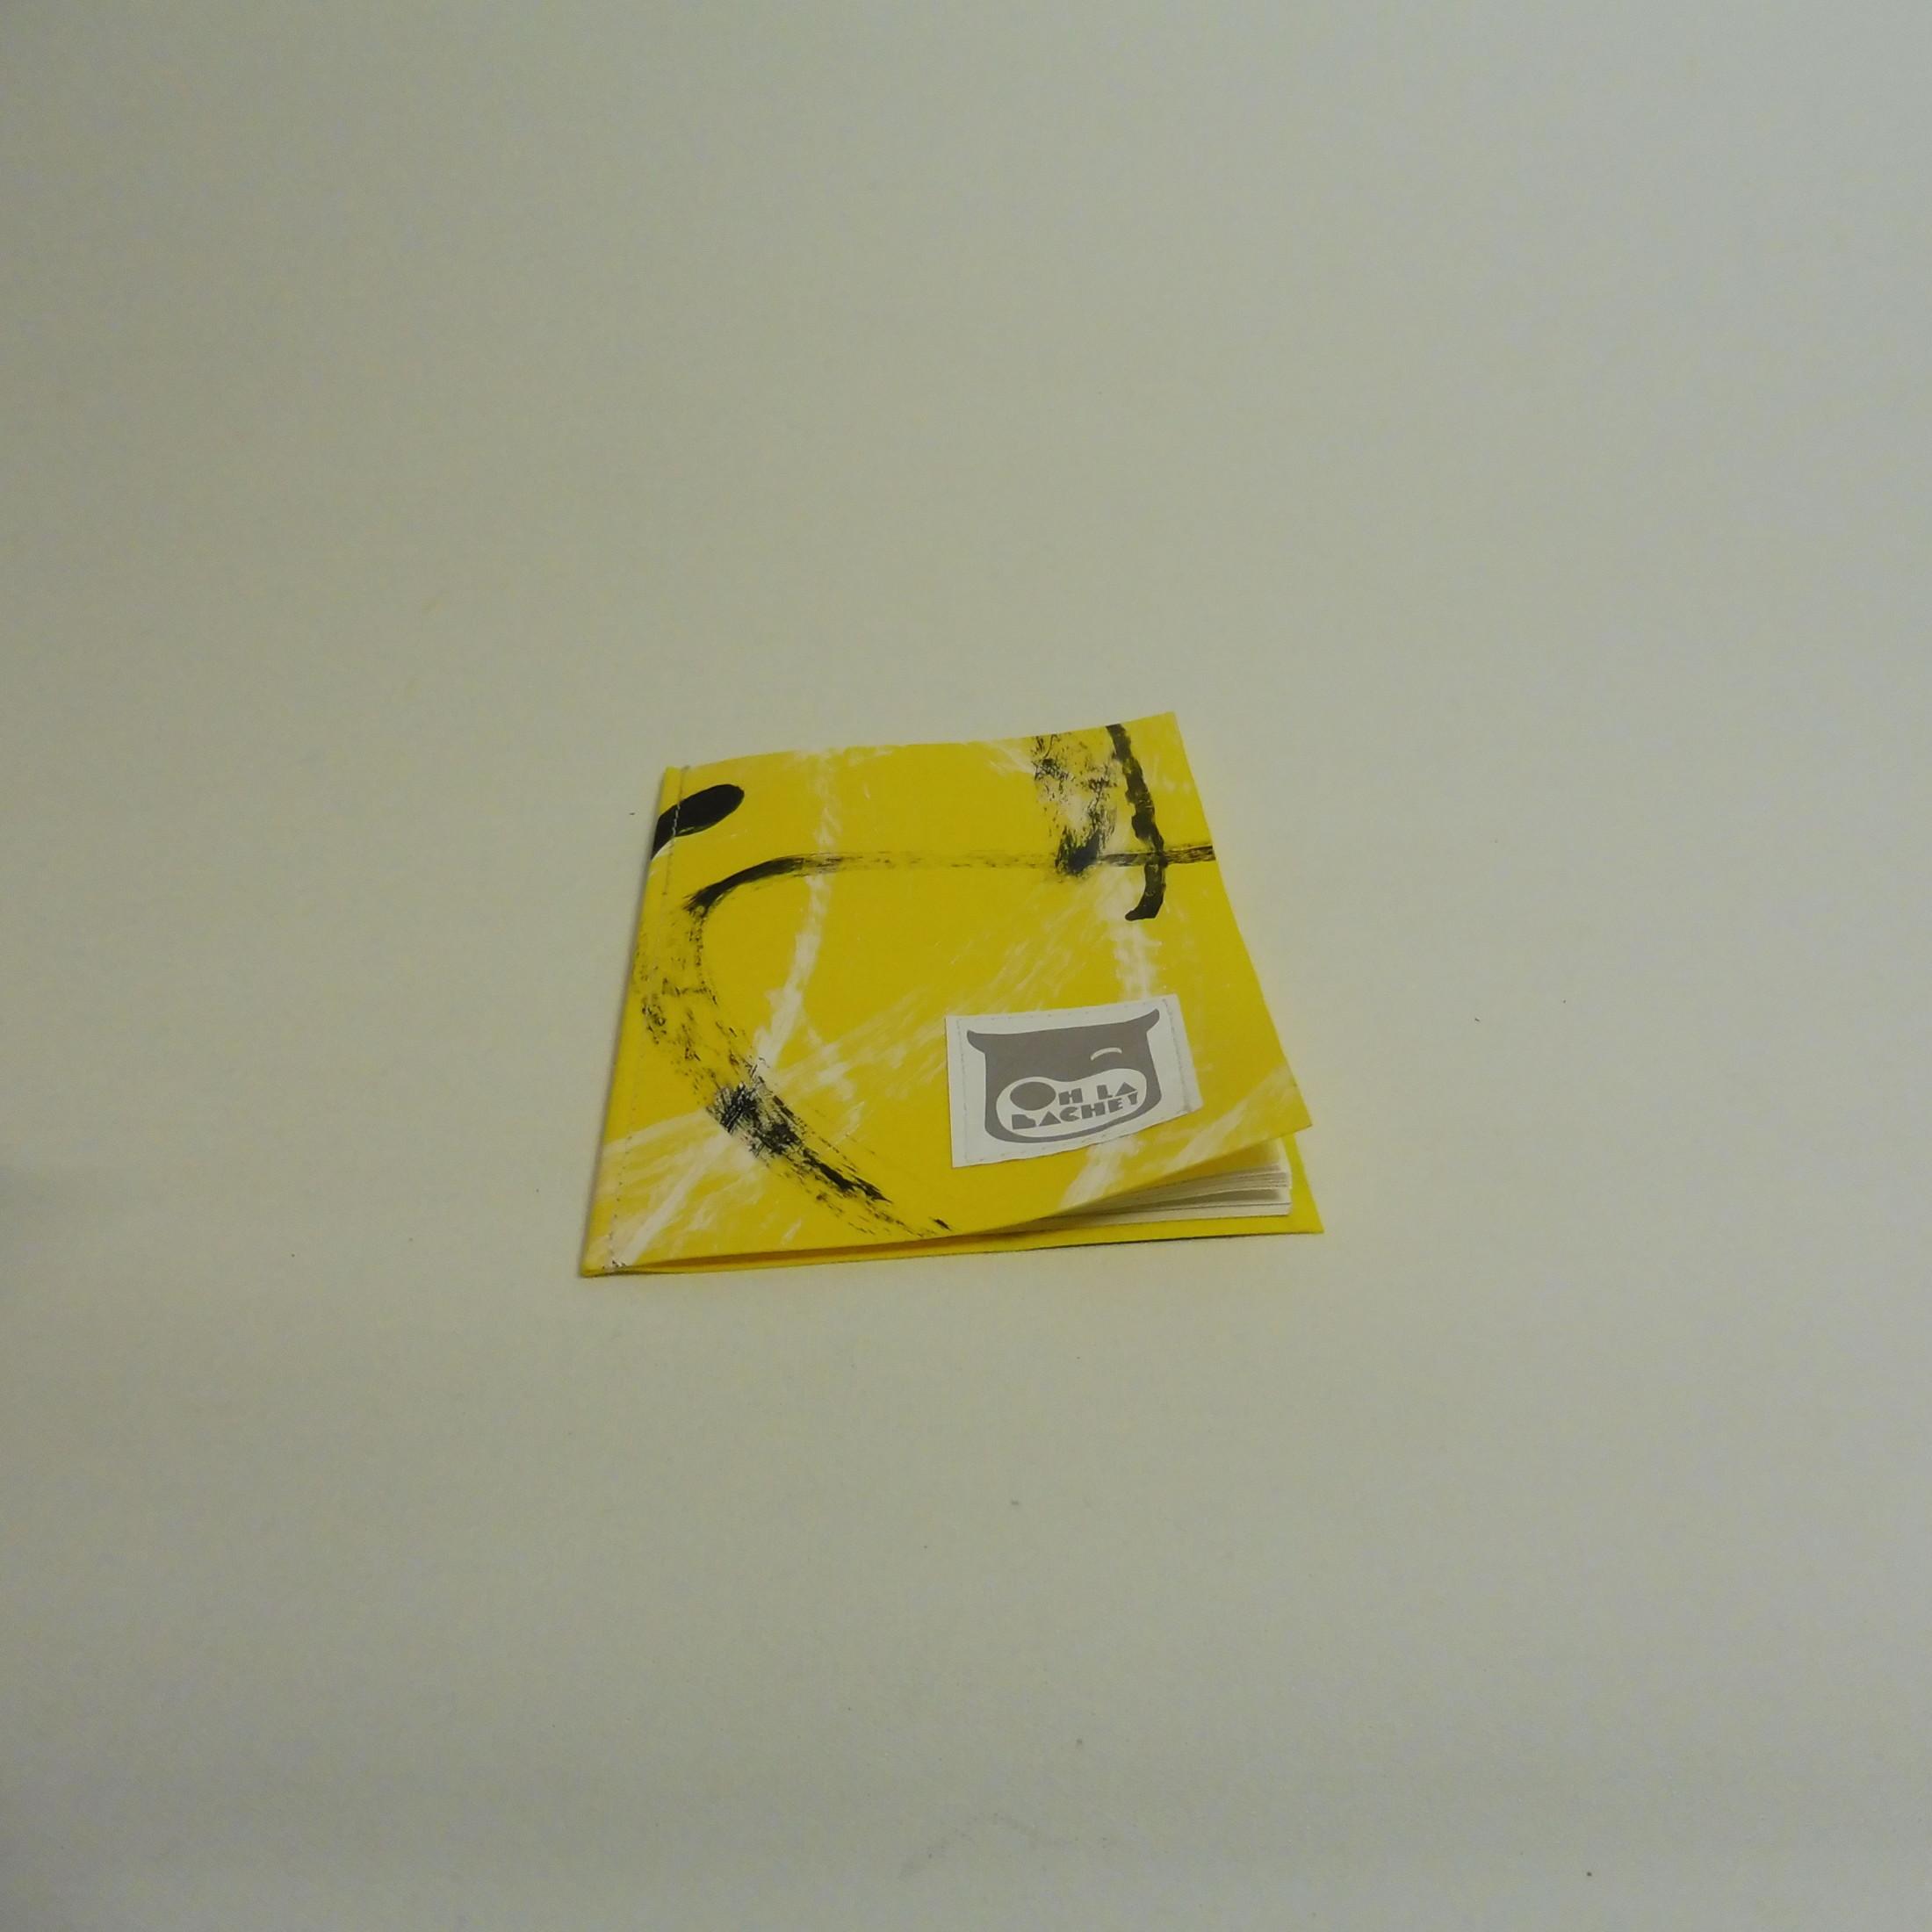 PABLO petit carnet en bache recyclée Oh_la_bâche C